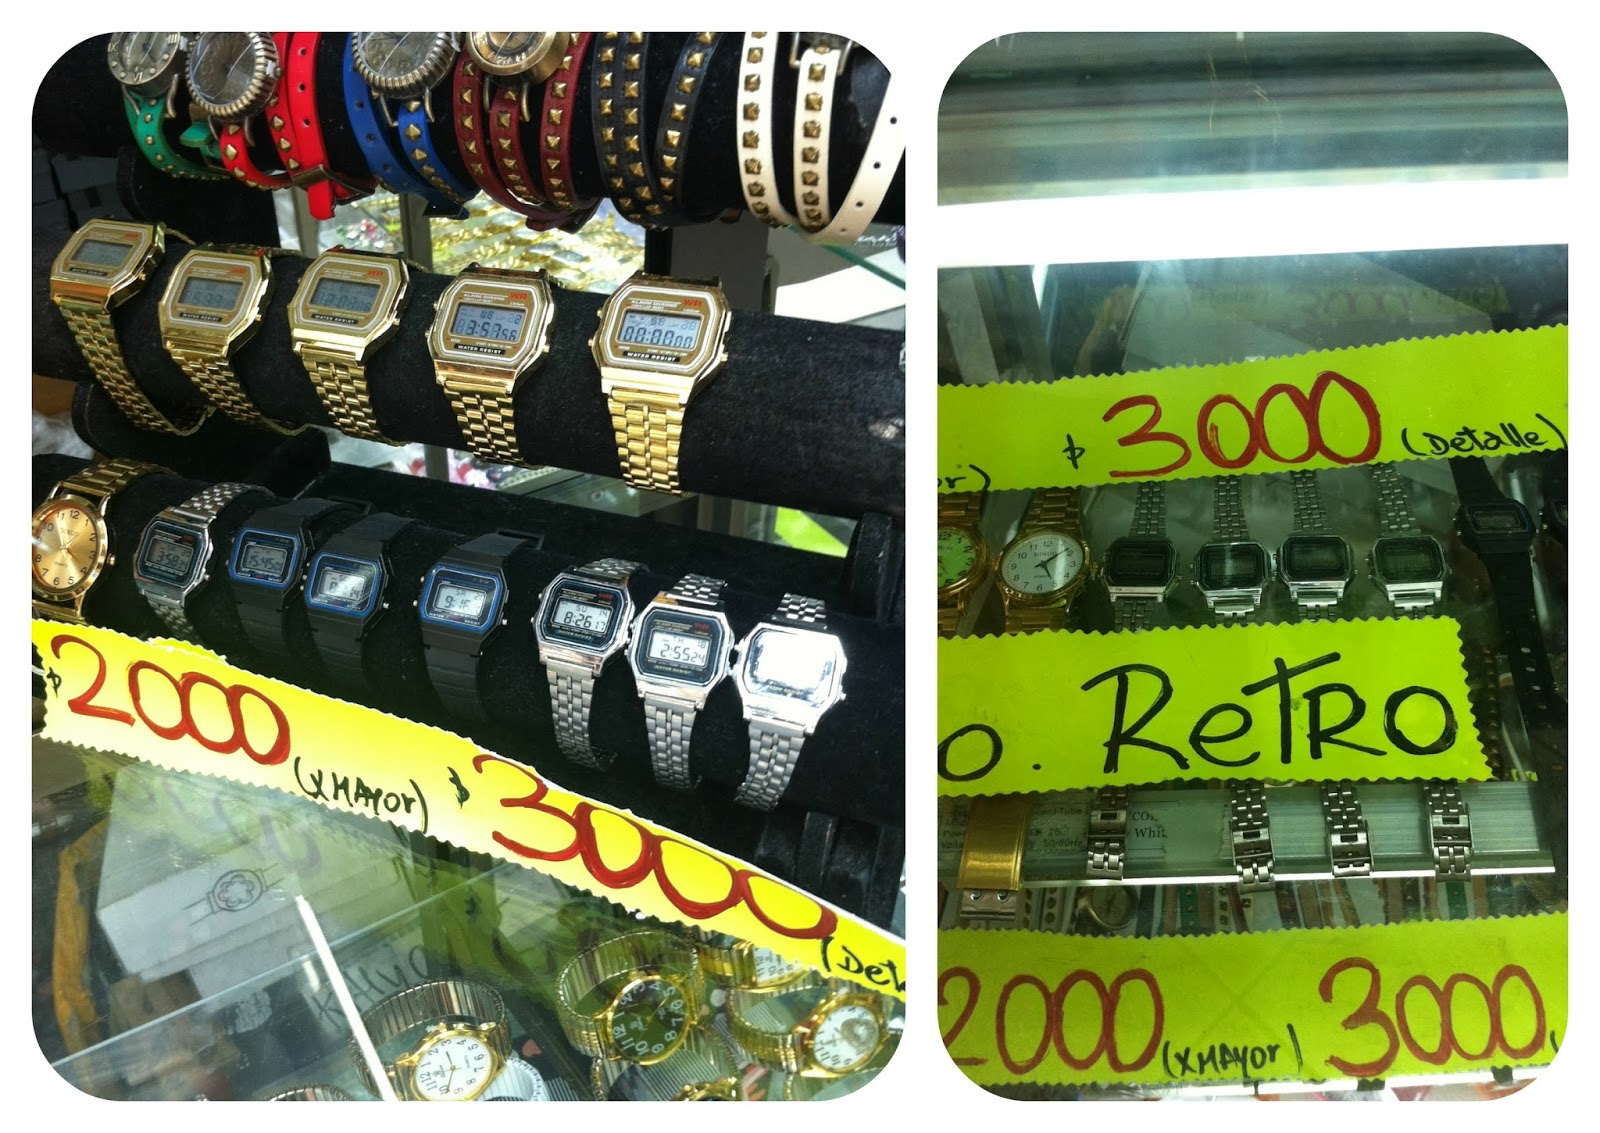 f457210d8bbd venta de relojes casio por mayor